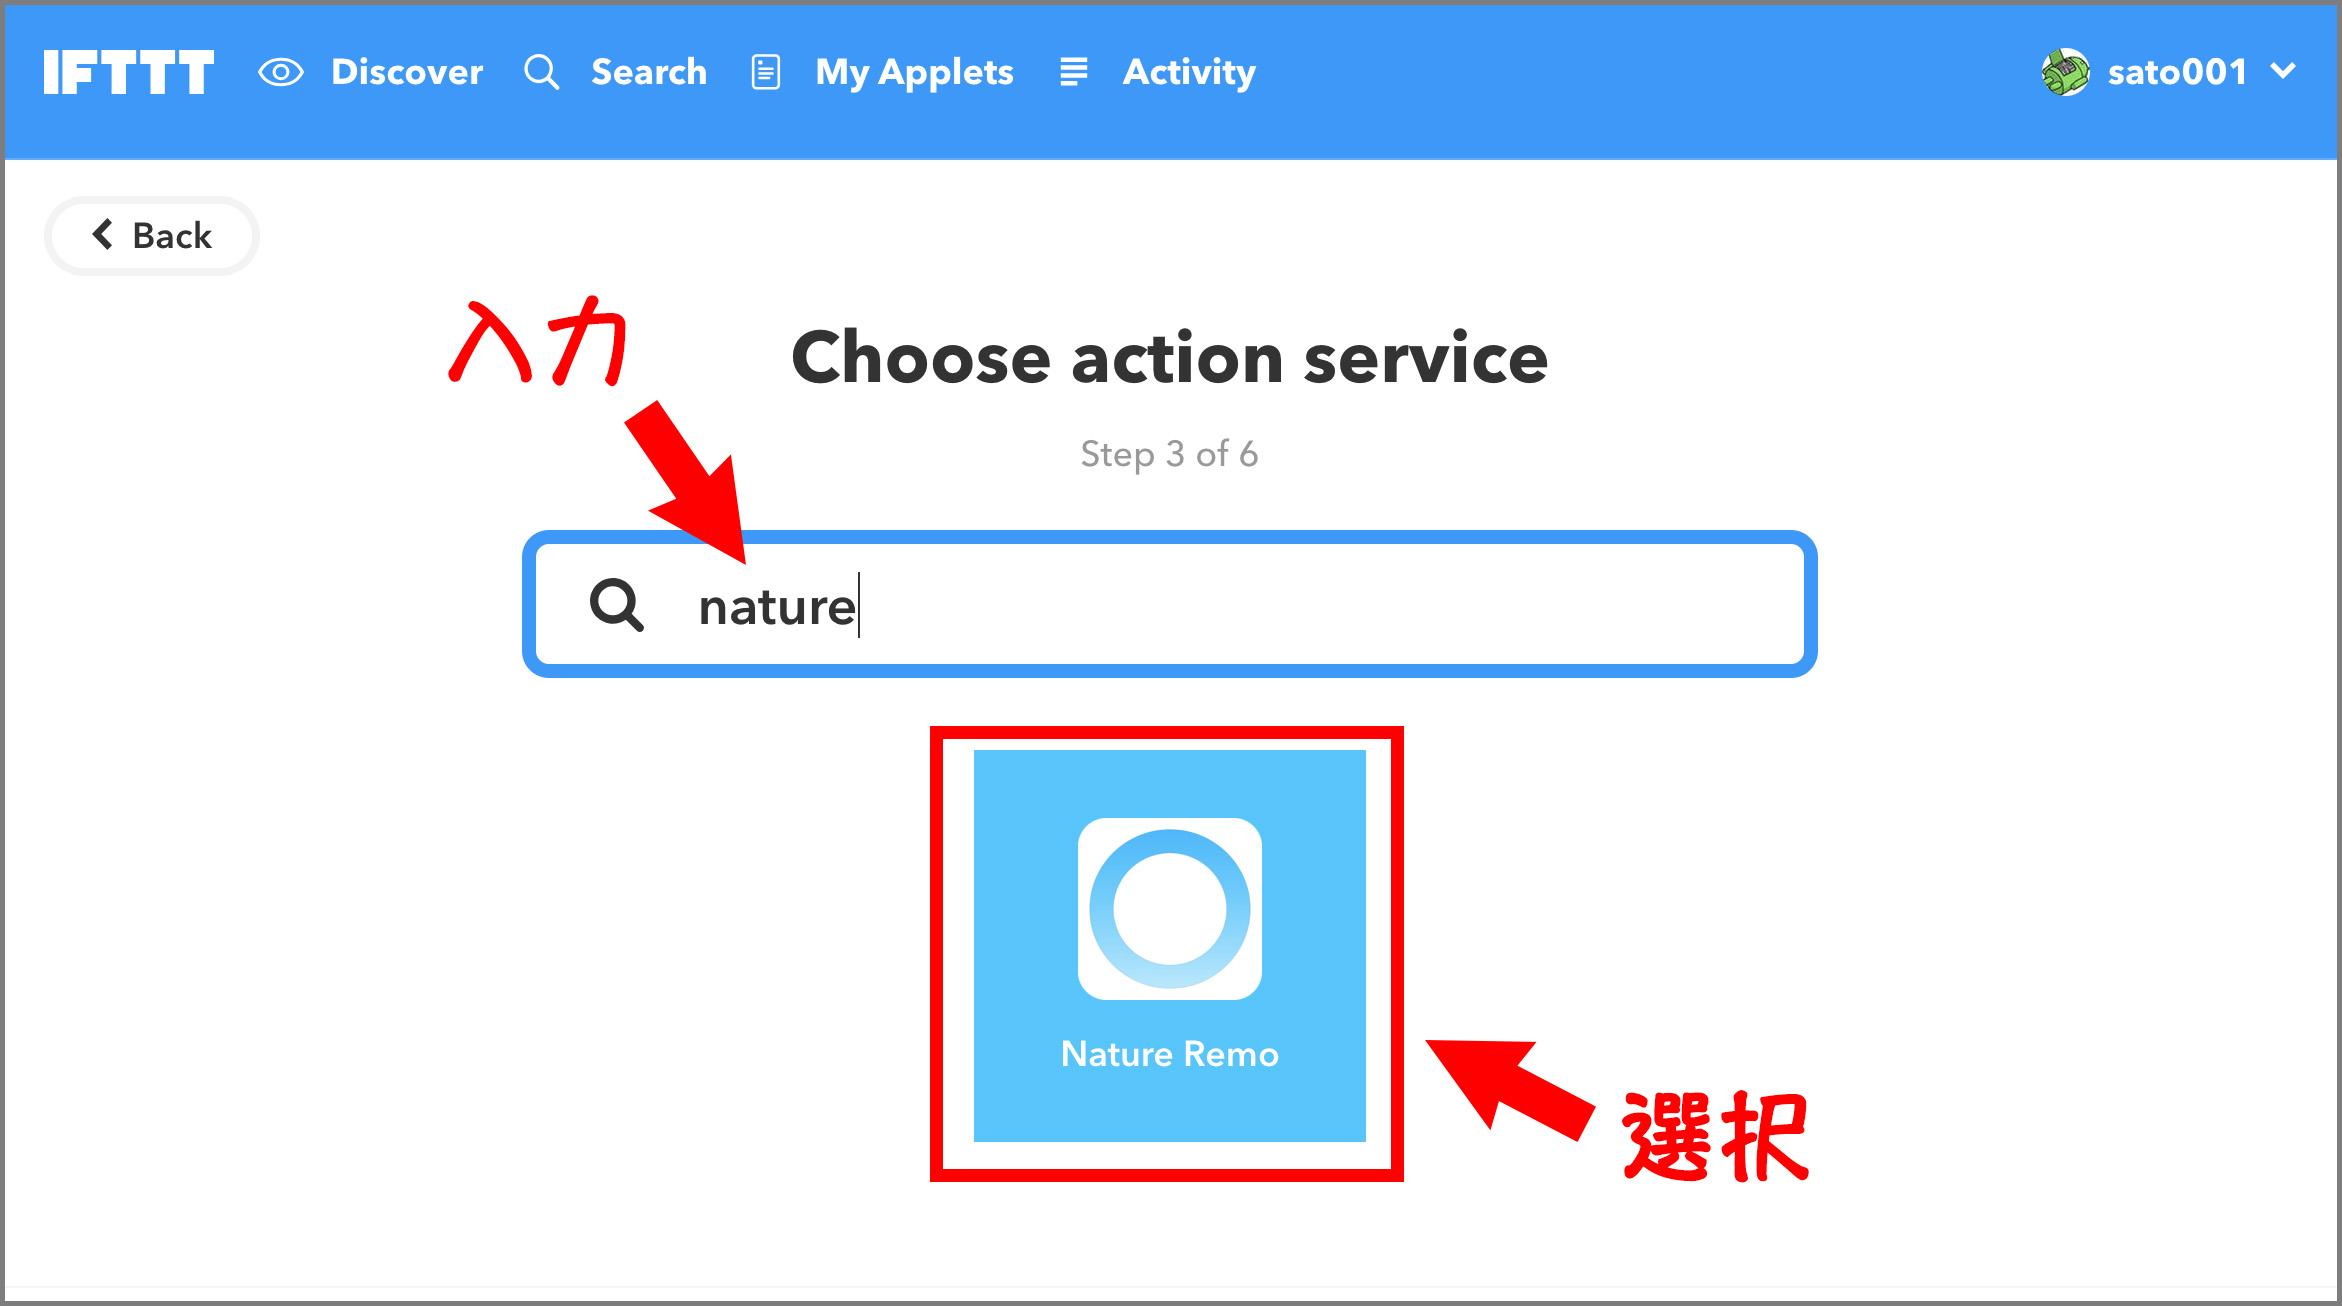 IFTTTの設定_トリガーに対応するサービス_Nature Remo